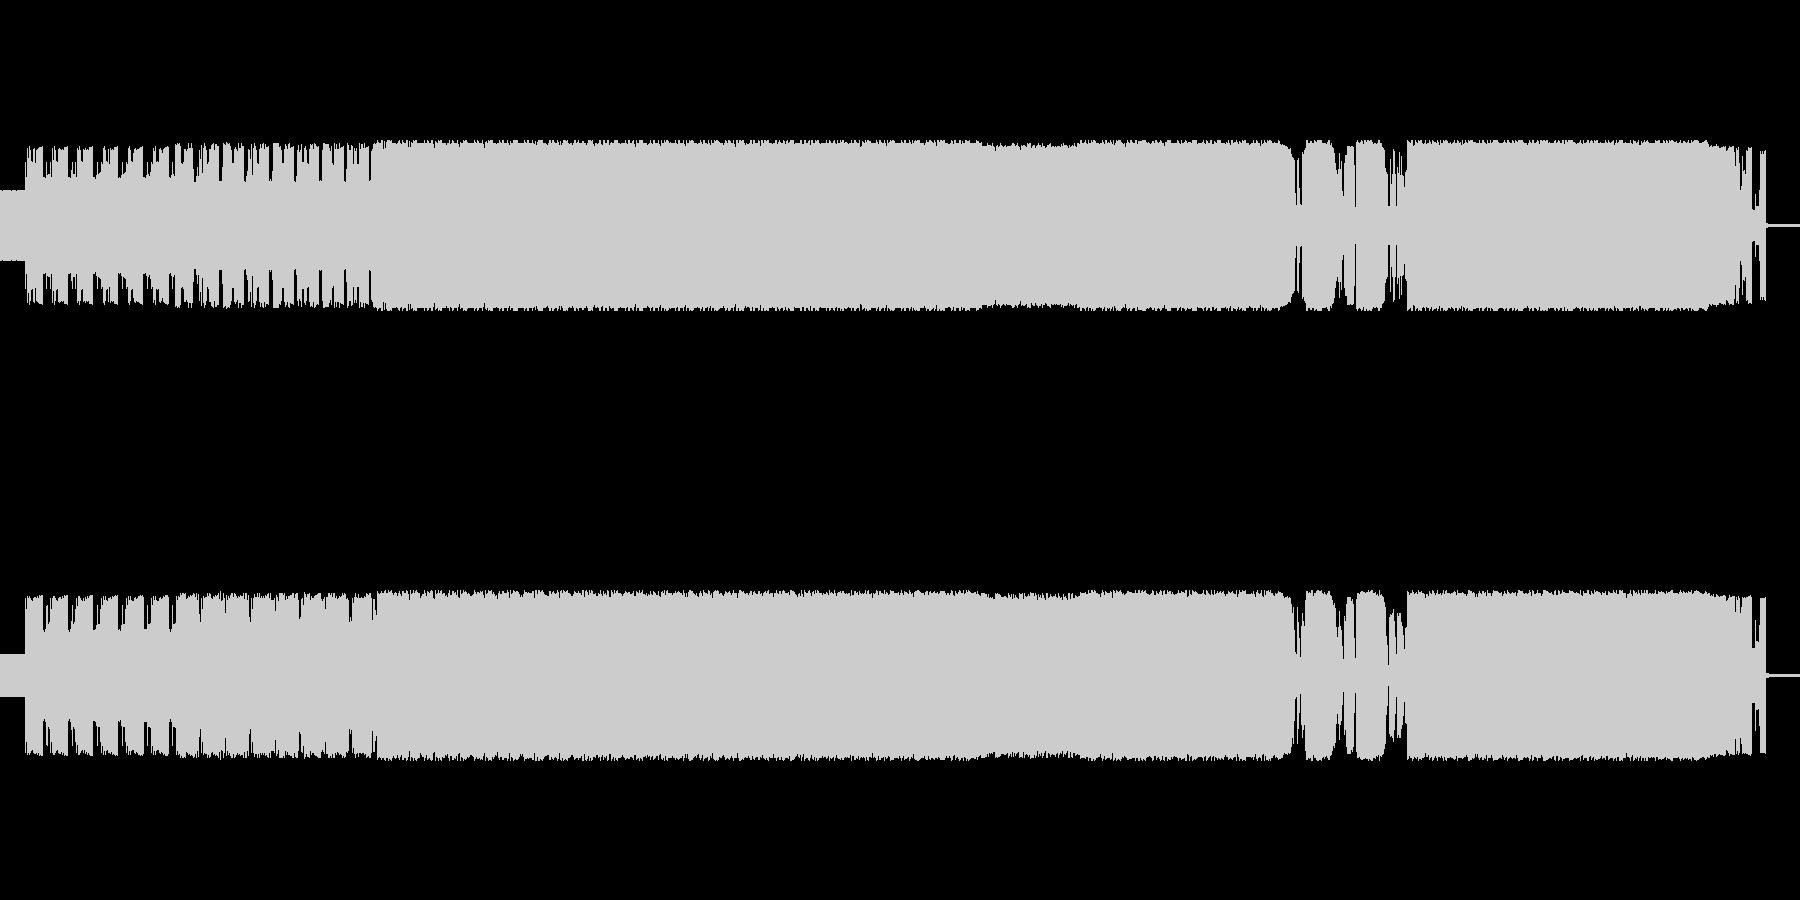 歪んだ音のエレクトロミュージックの未再生の波形